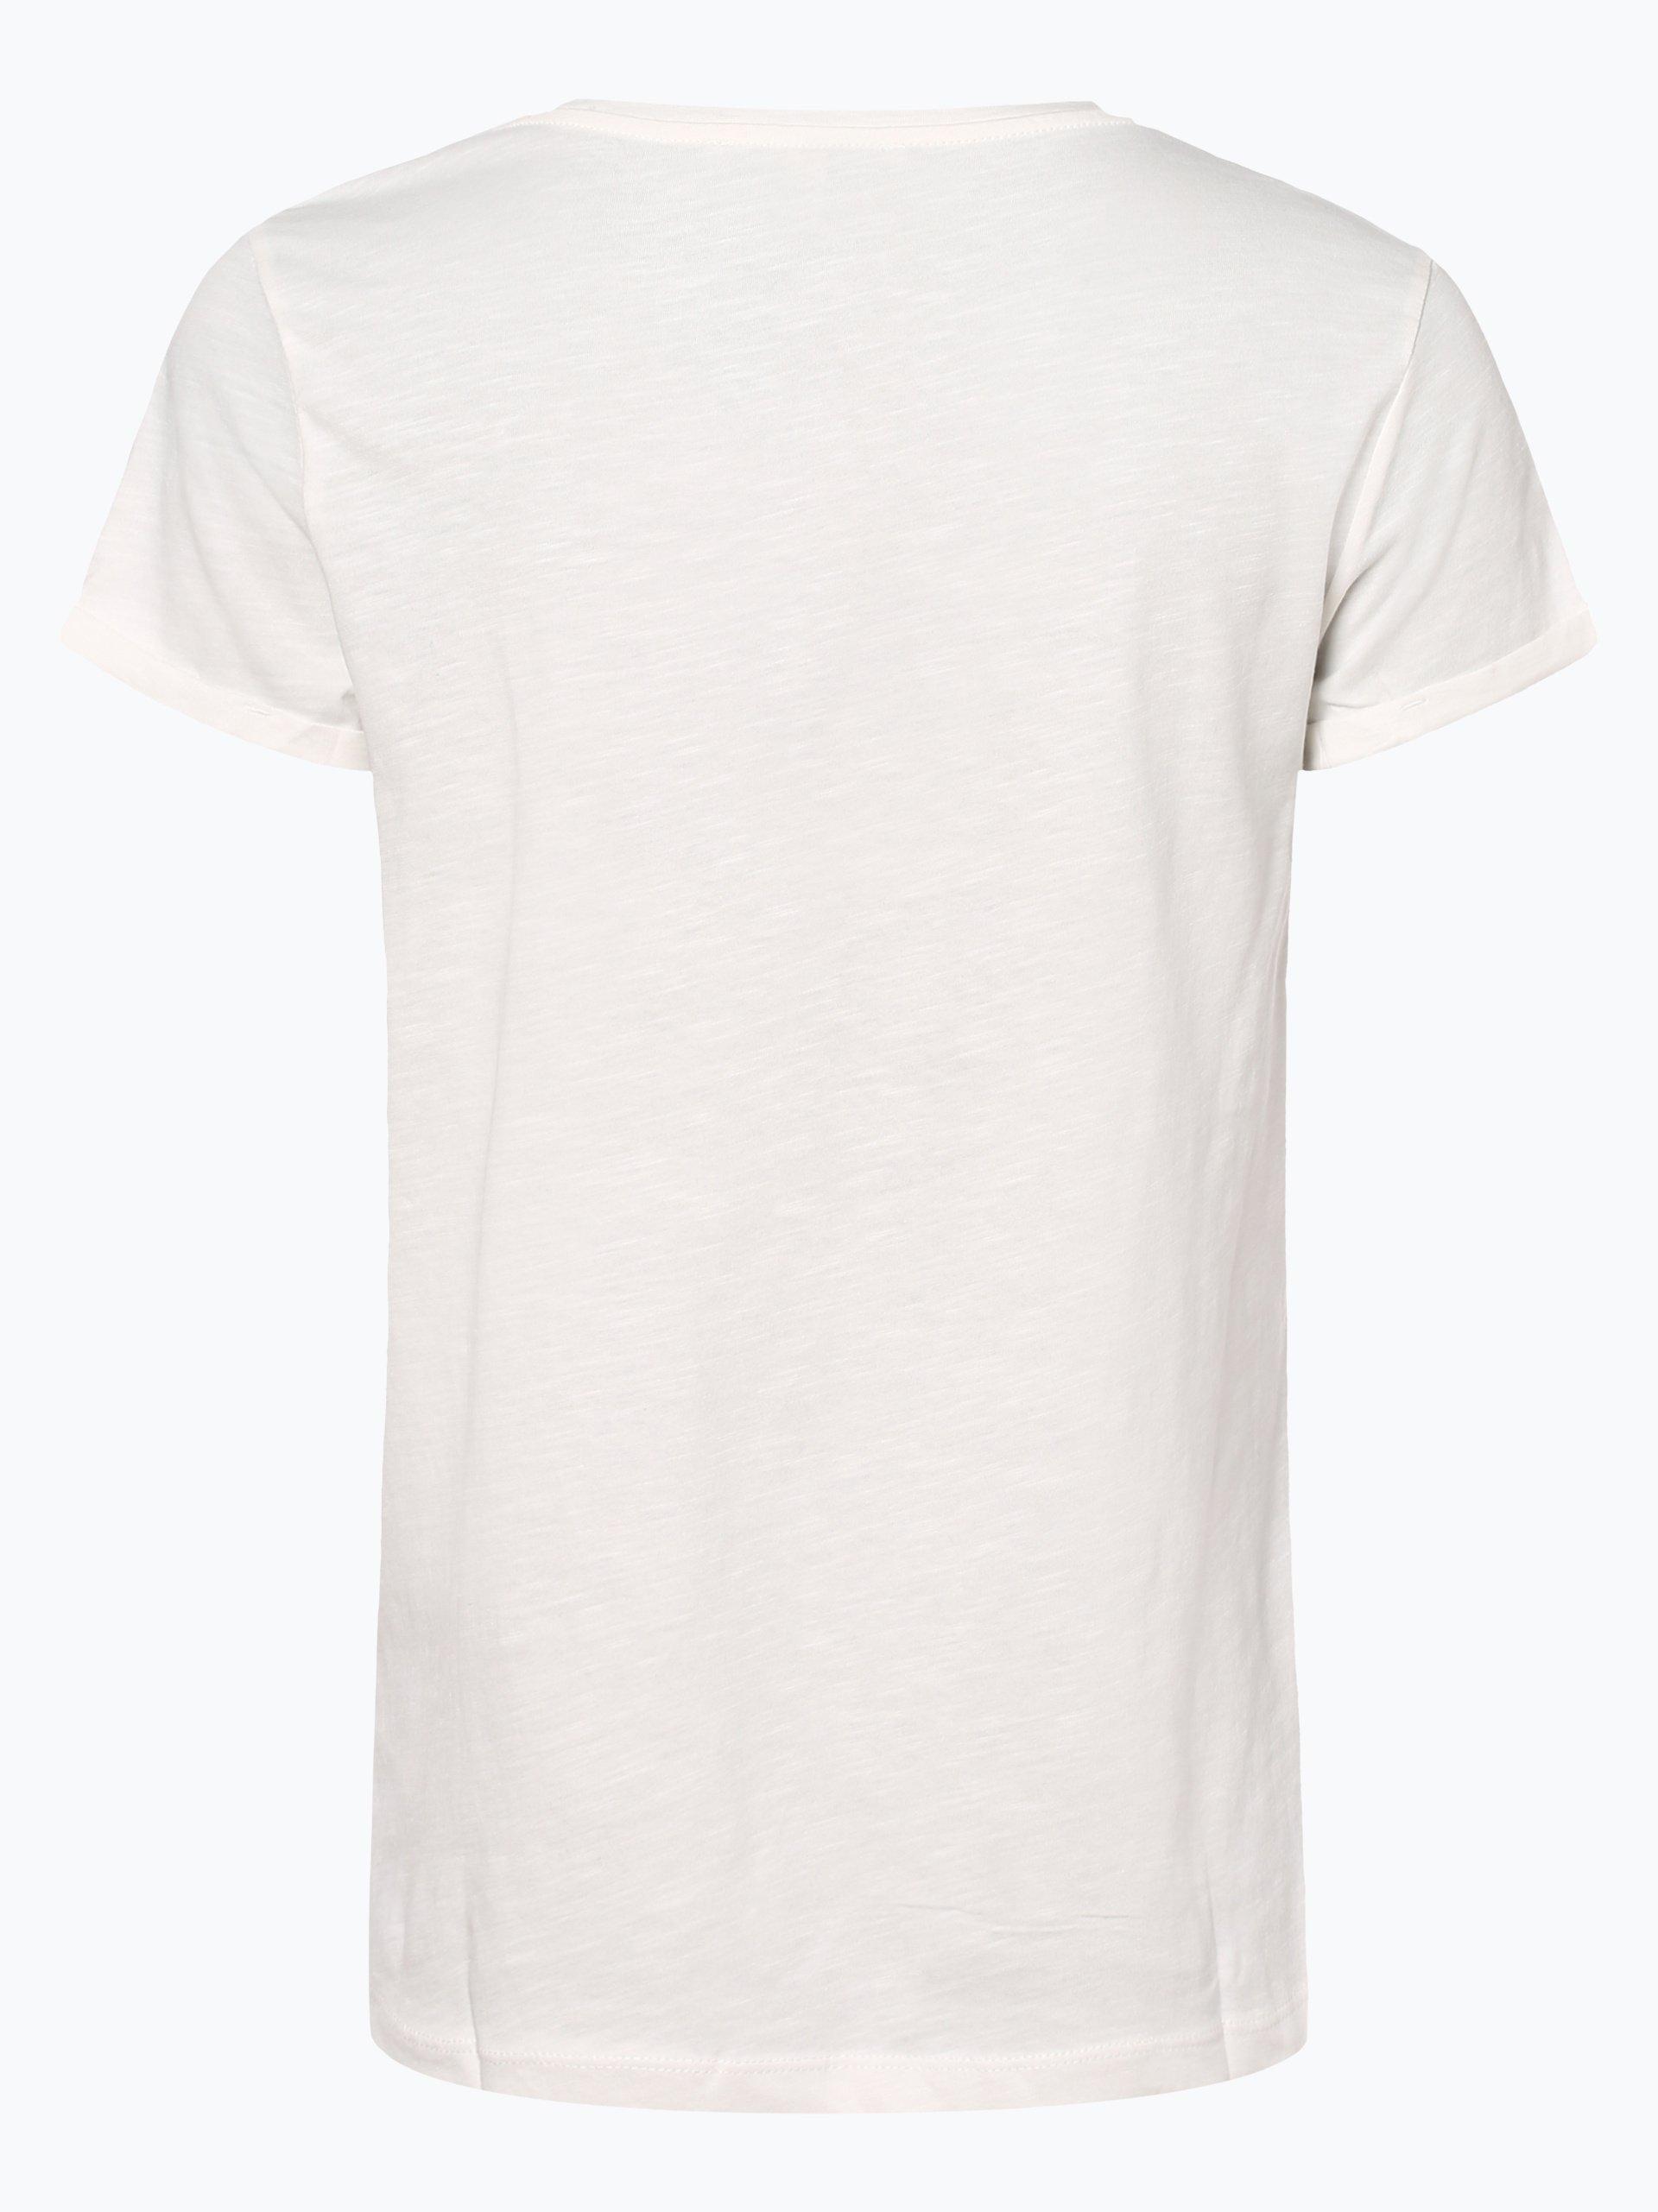 Tom Tailor Denim T-shirt damski